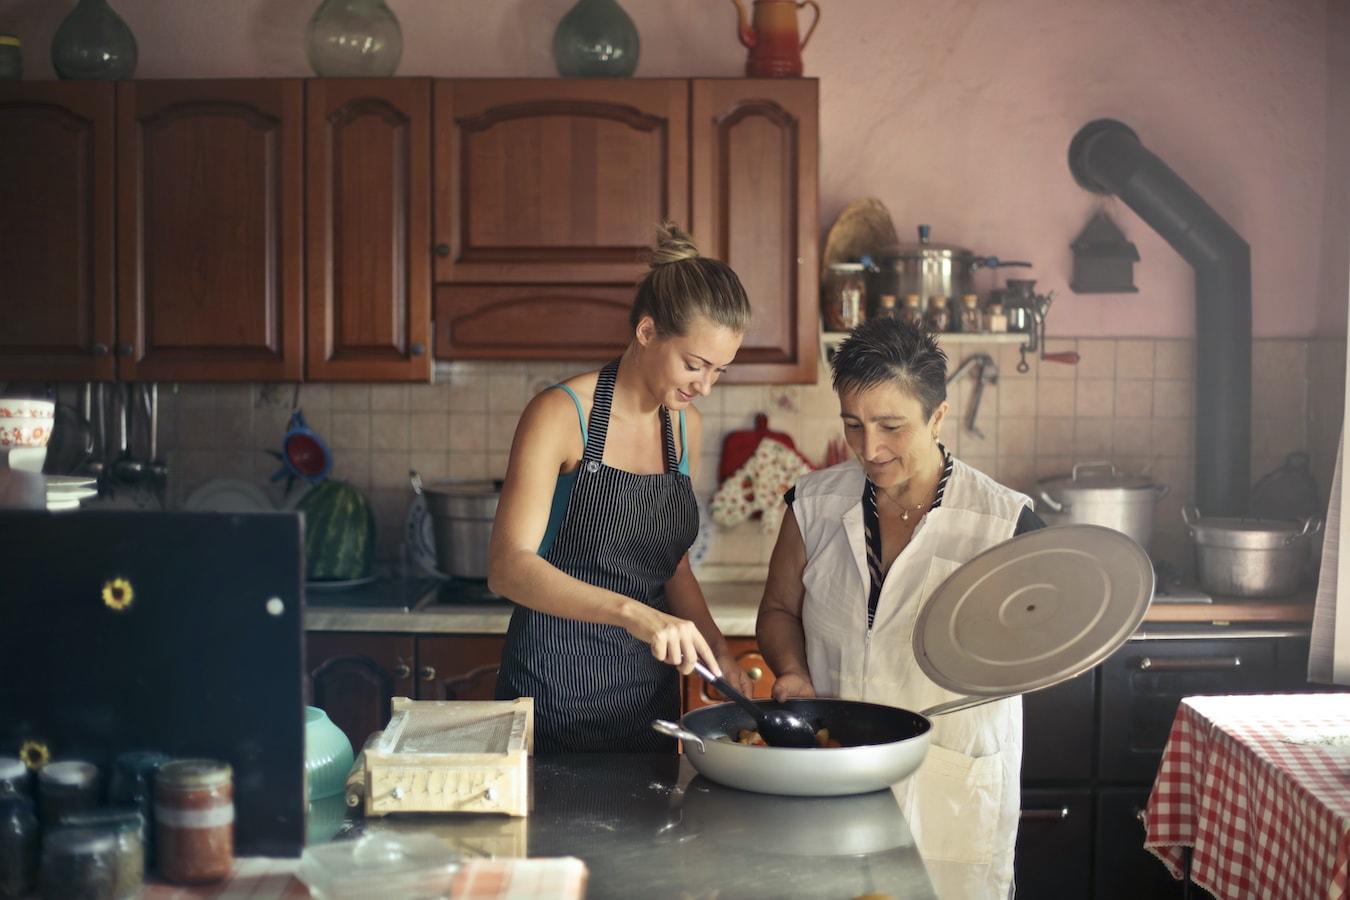 junge Frau und ältere Frau in der Küche kochen zusammen mit Bergamotteöl